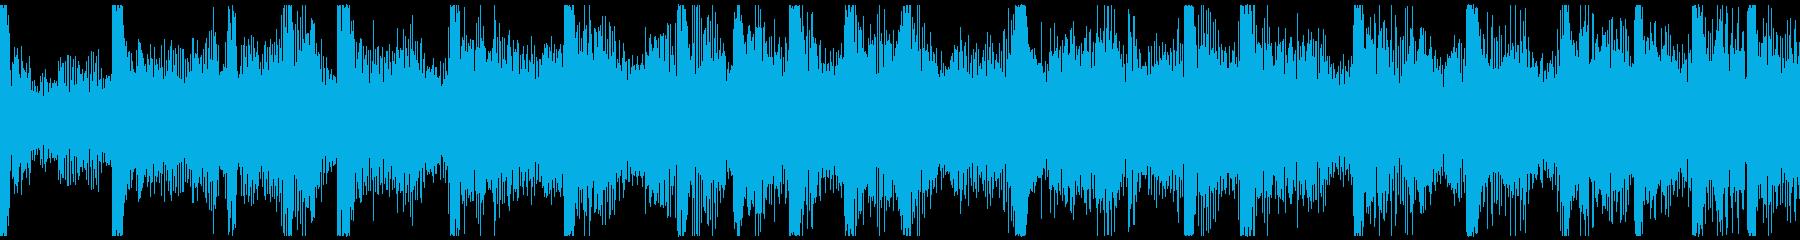 企業紹介映像、近未来系エレクトロループ3の再生済みの波形